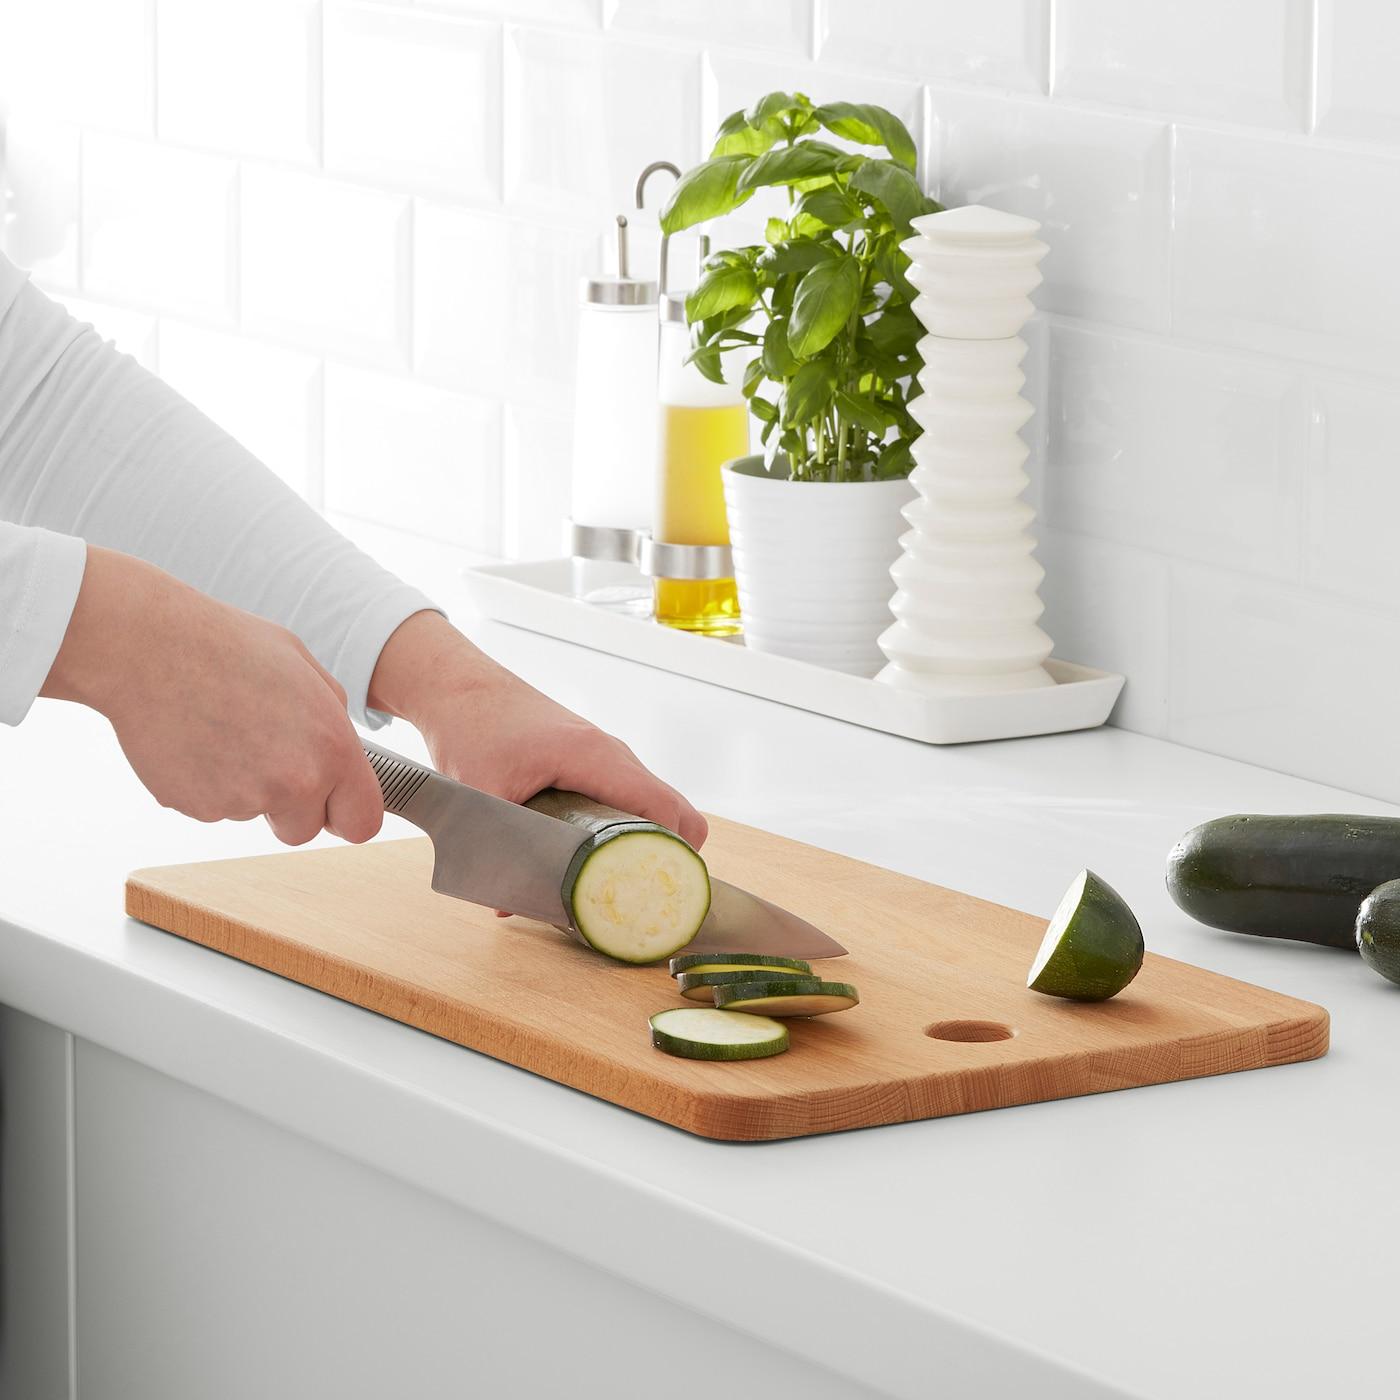 Proppmatt Deska Do Krojenia Buk Kupuj Online Lub W Sklepie Ikea